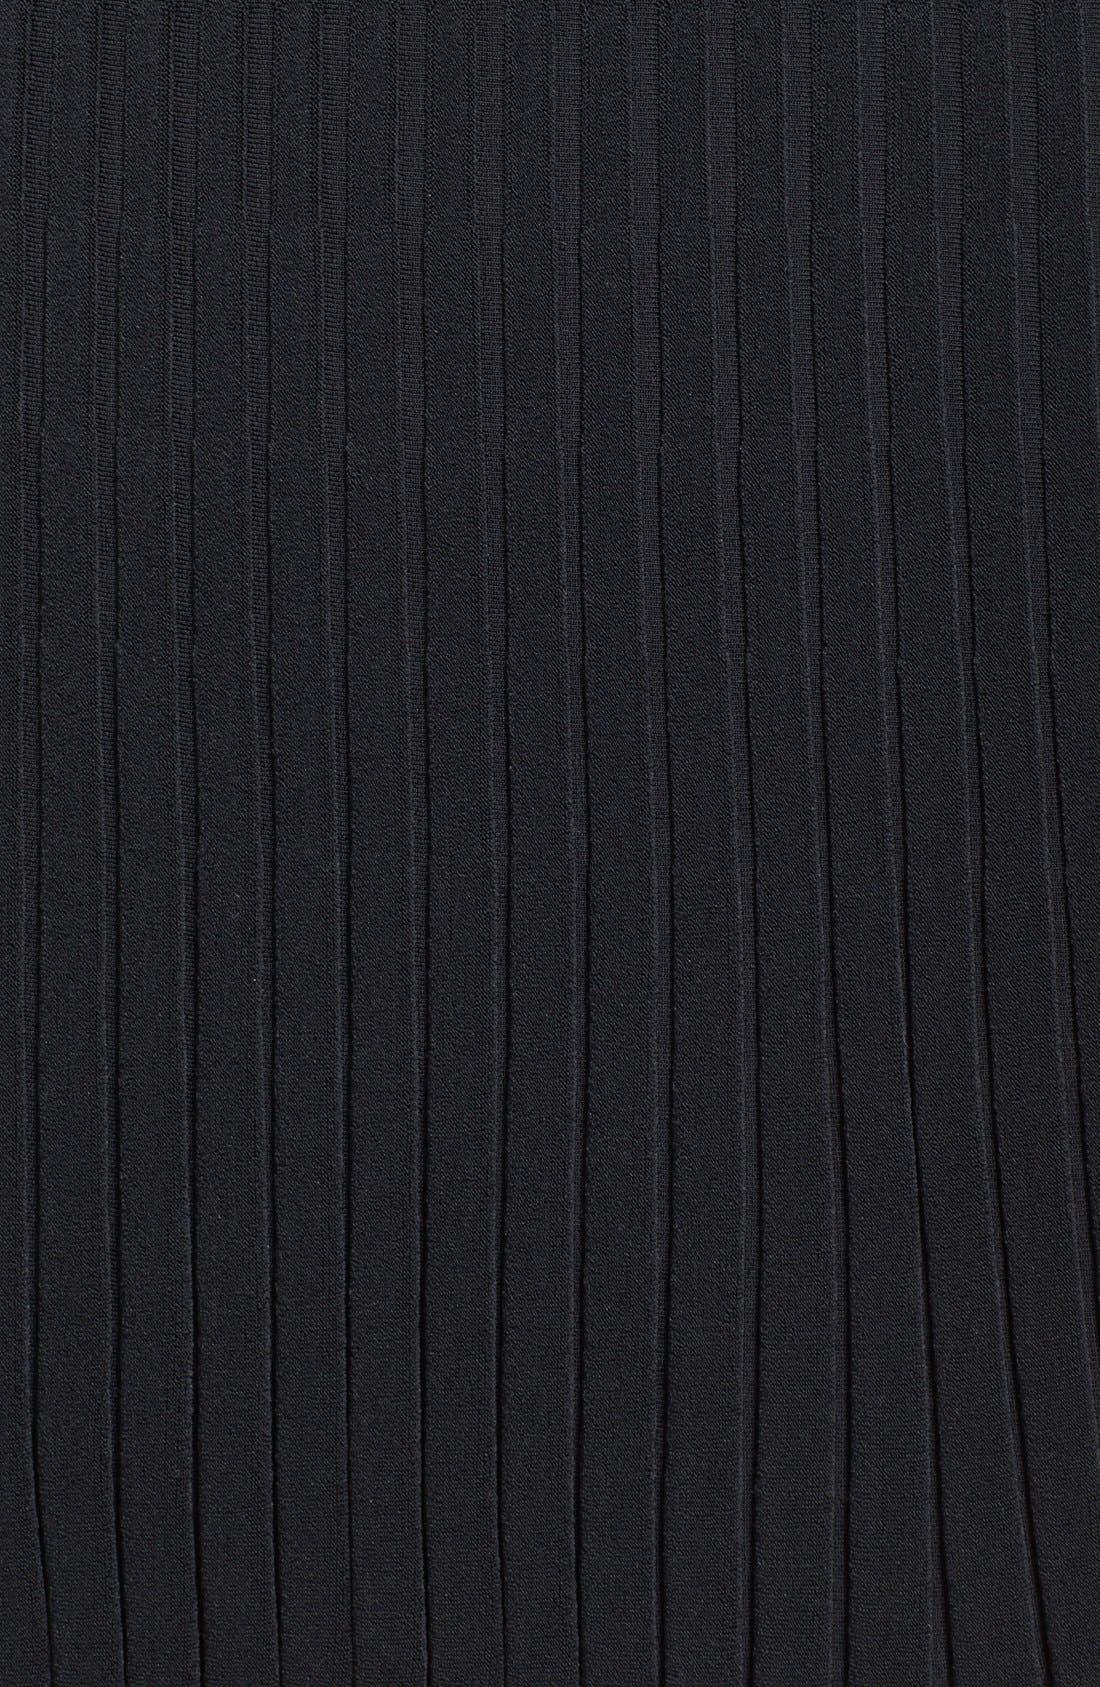 Alternate Image 3  - Diane von Furstenberg 'Mara' Skirt